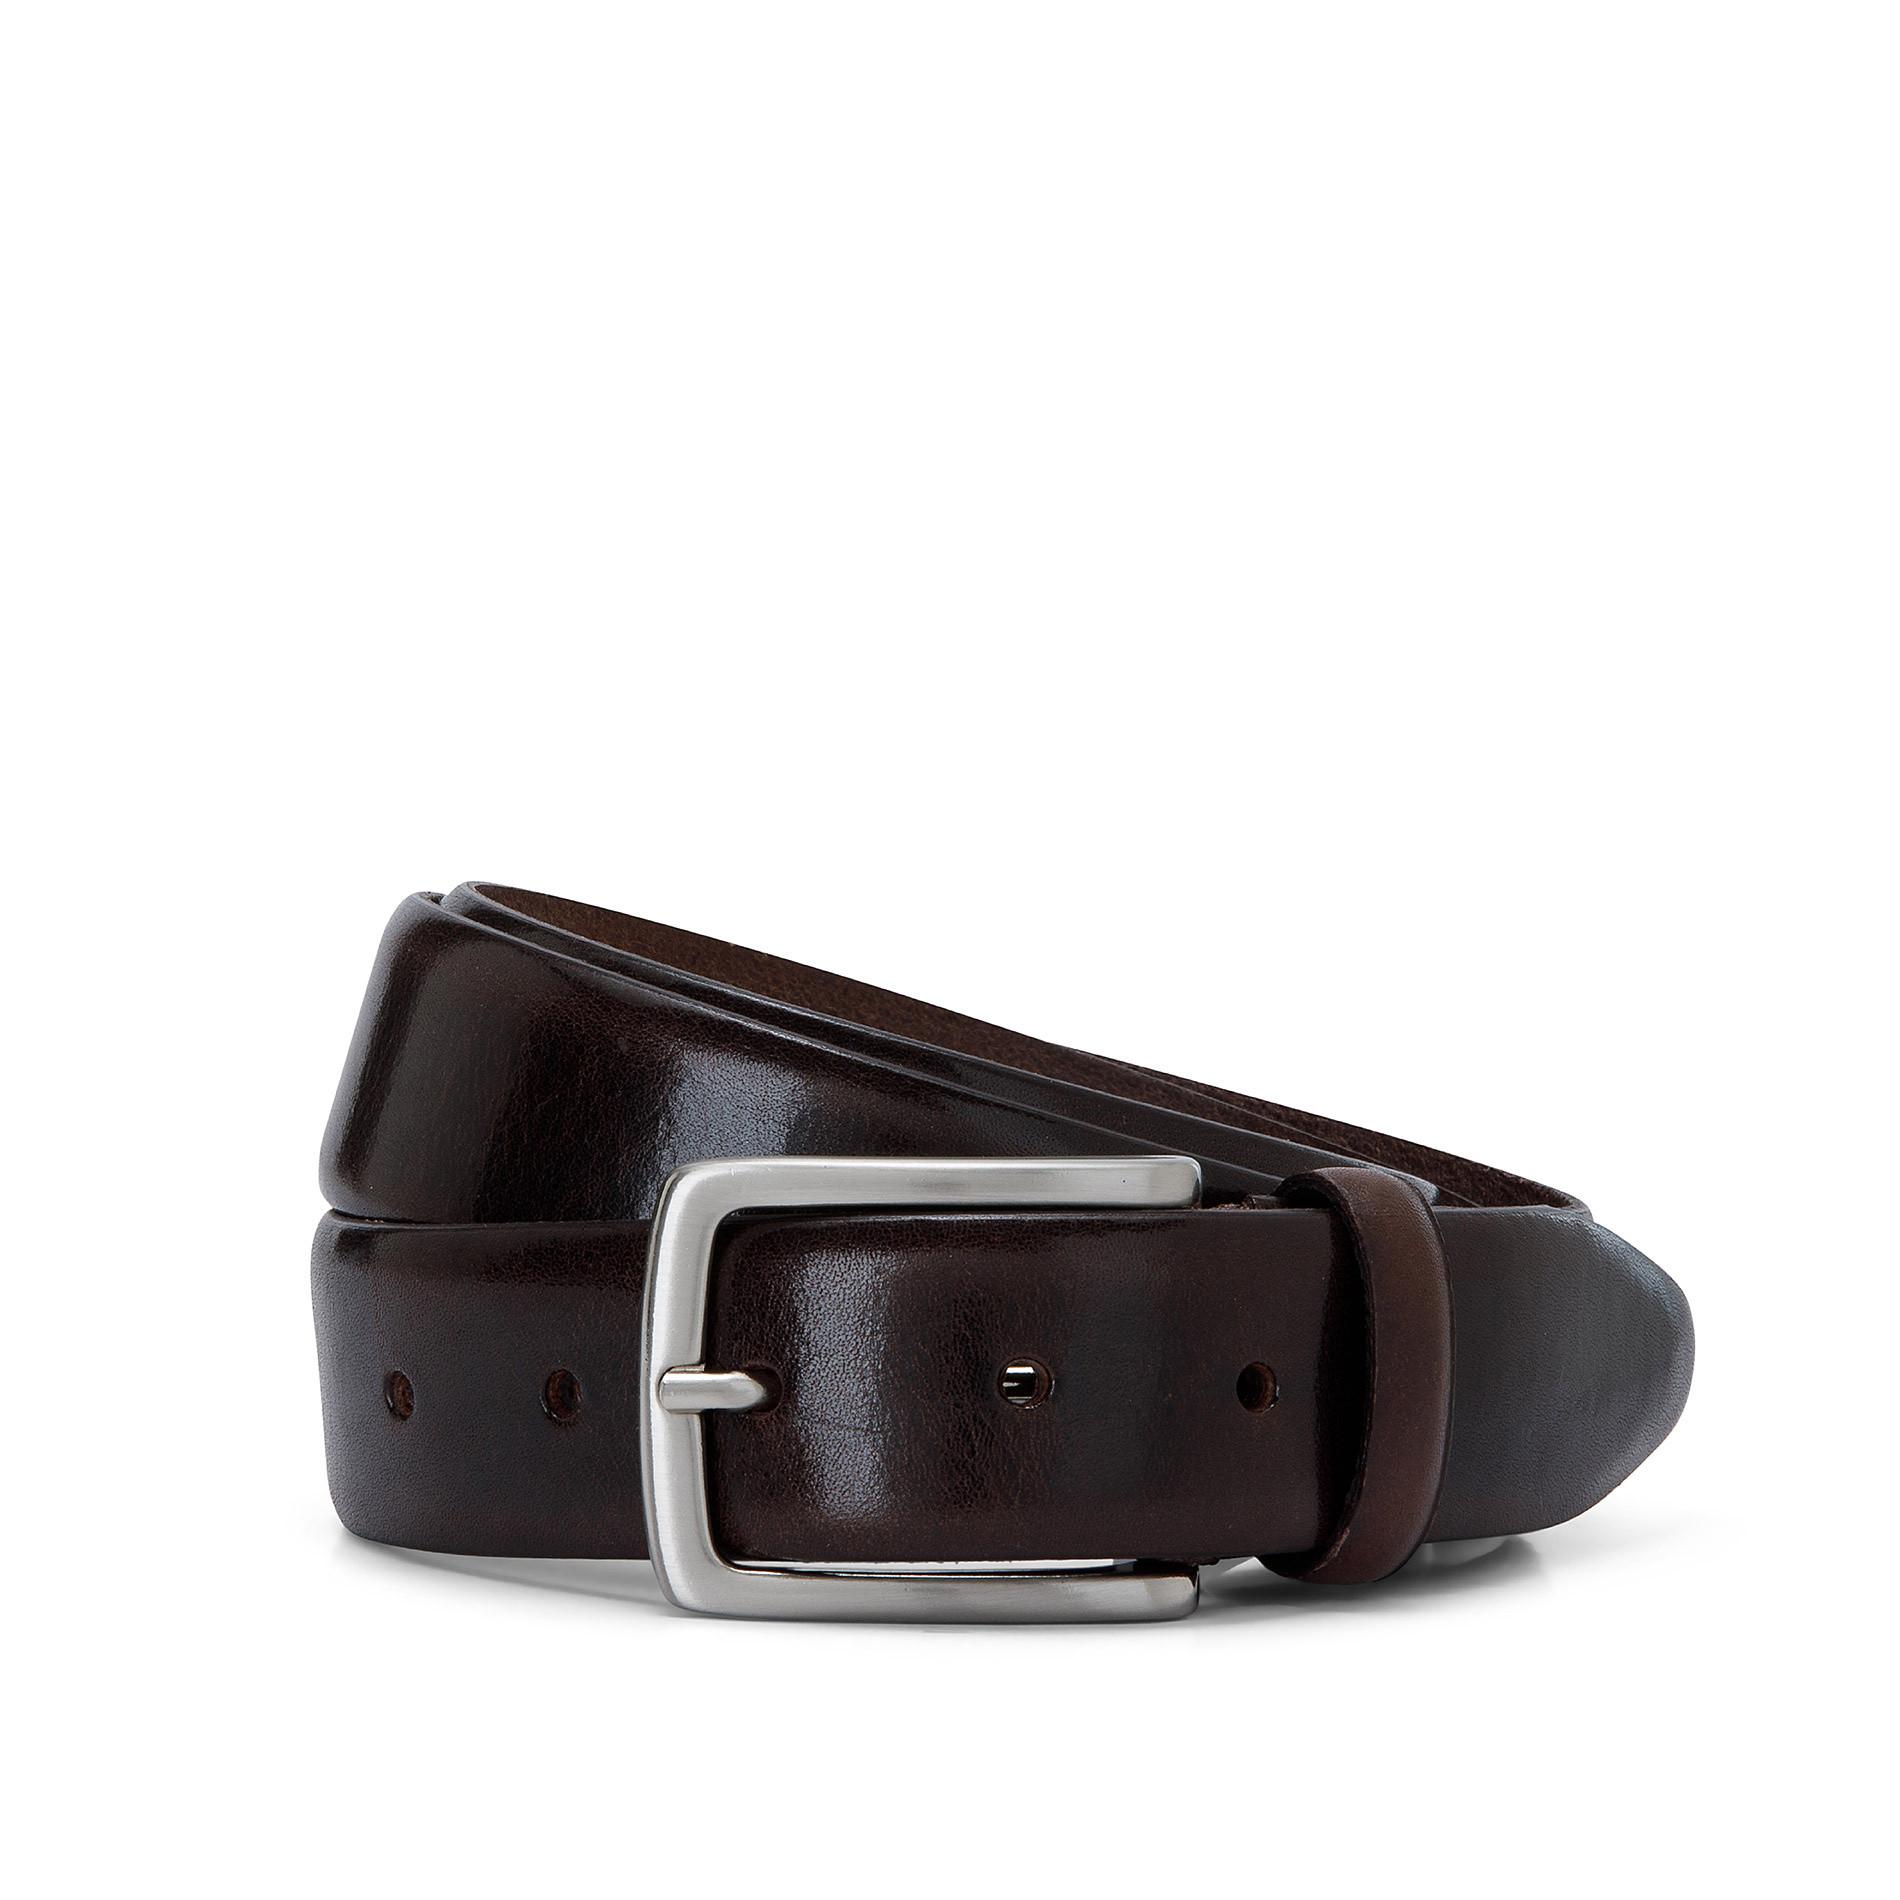 Cintura vera pelle Luca D'Altieri, Marrone scuro, large image number 0